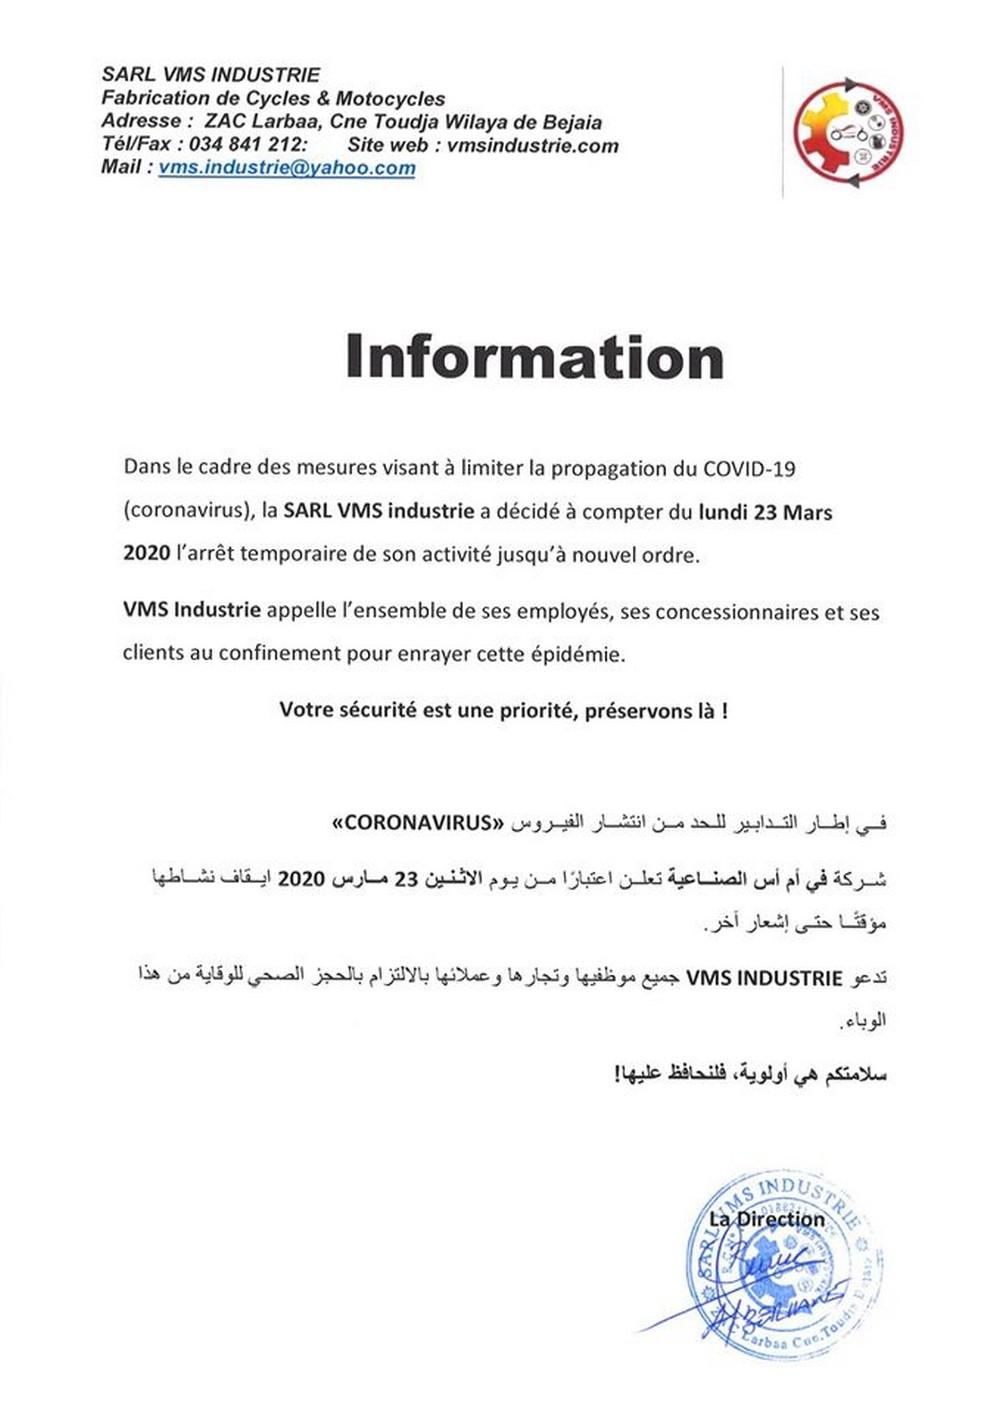 VMS Industrie : Fermeture de l'usine pour cause de COVID-19